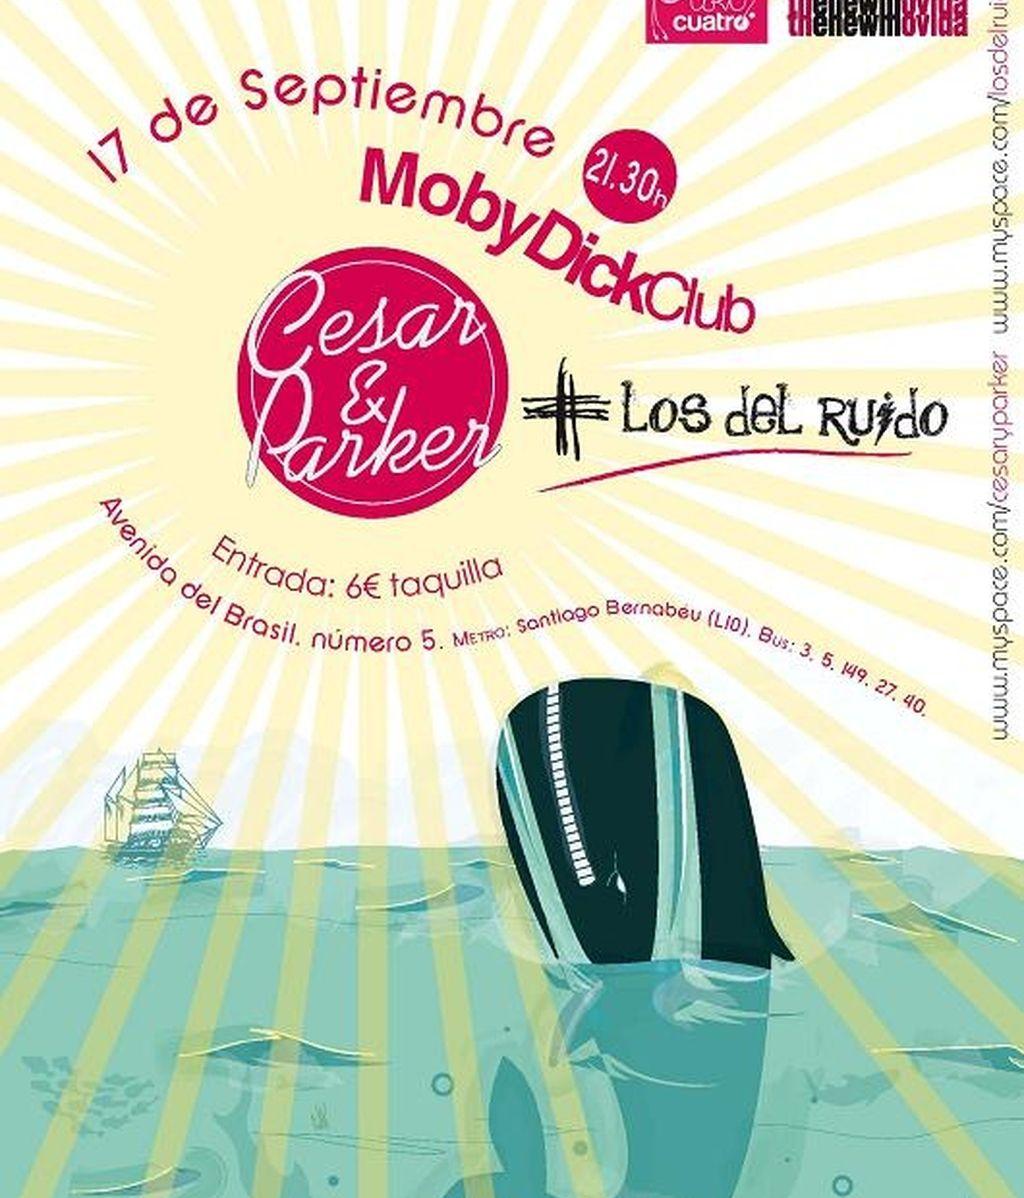 Concierto de Cesar&Parker en el Club Moby Dick de Madrid